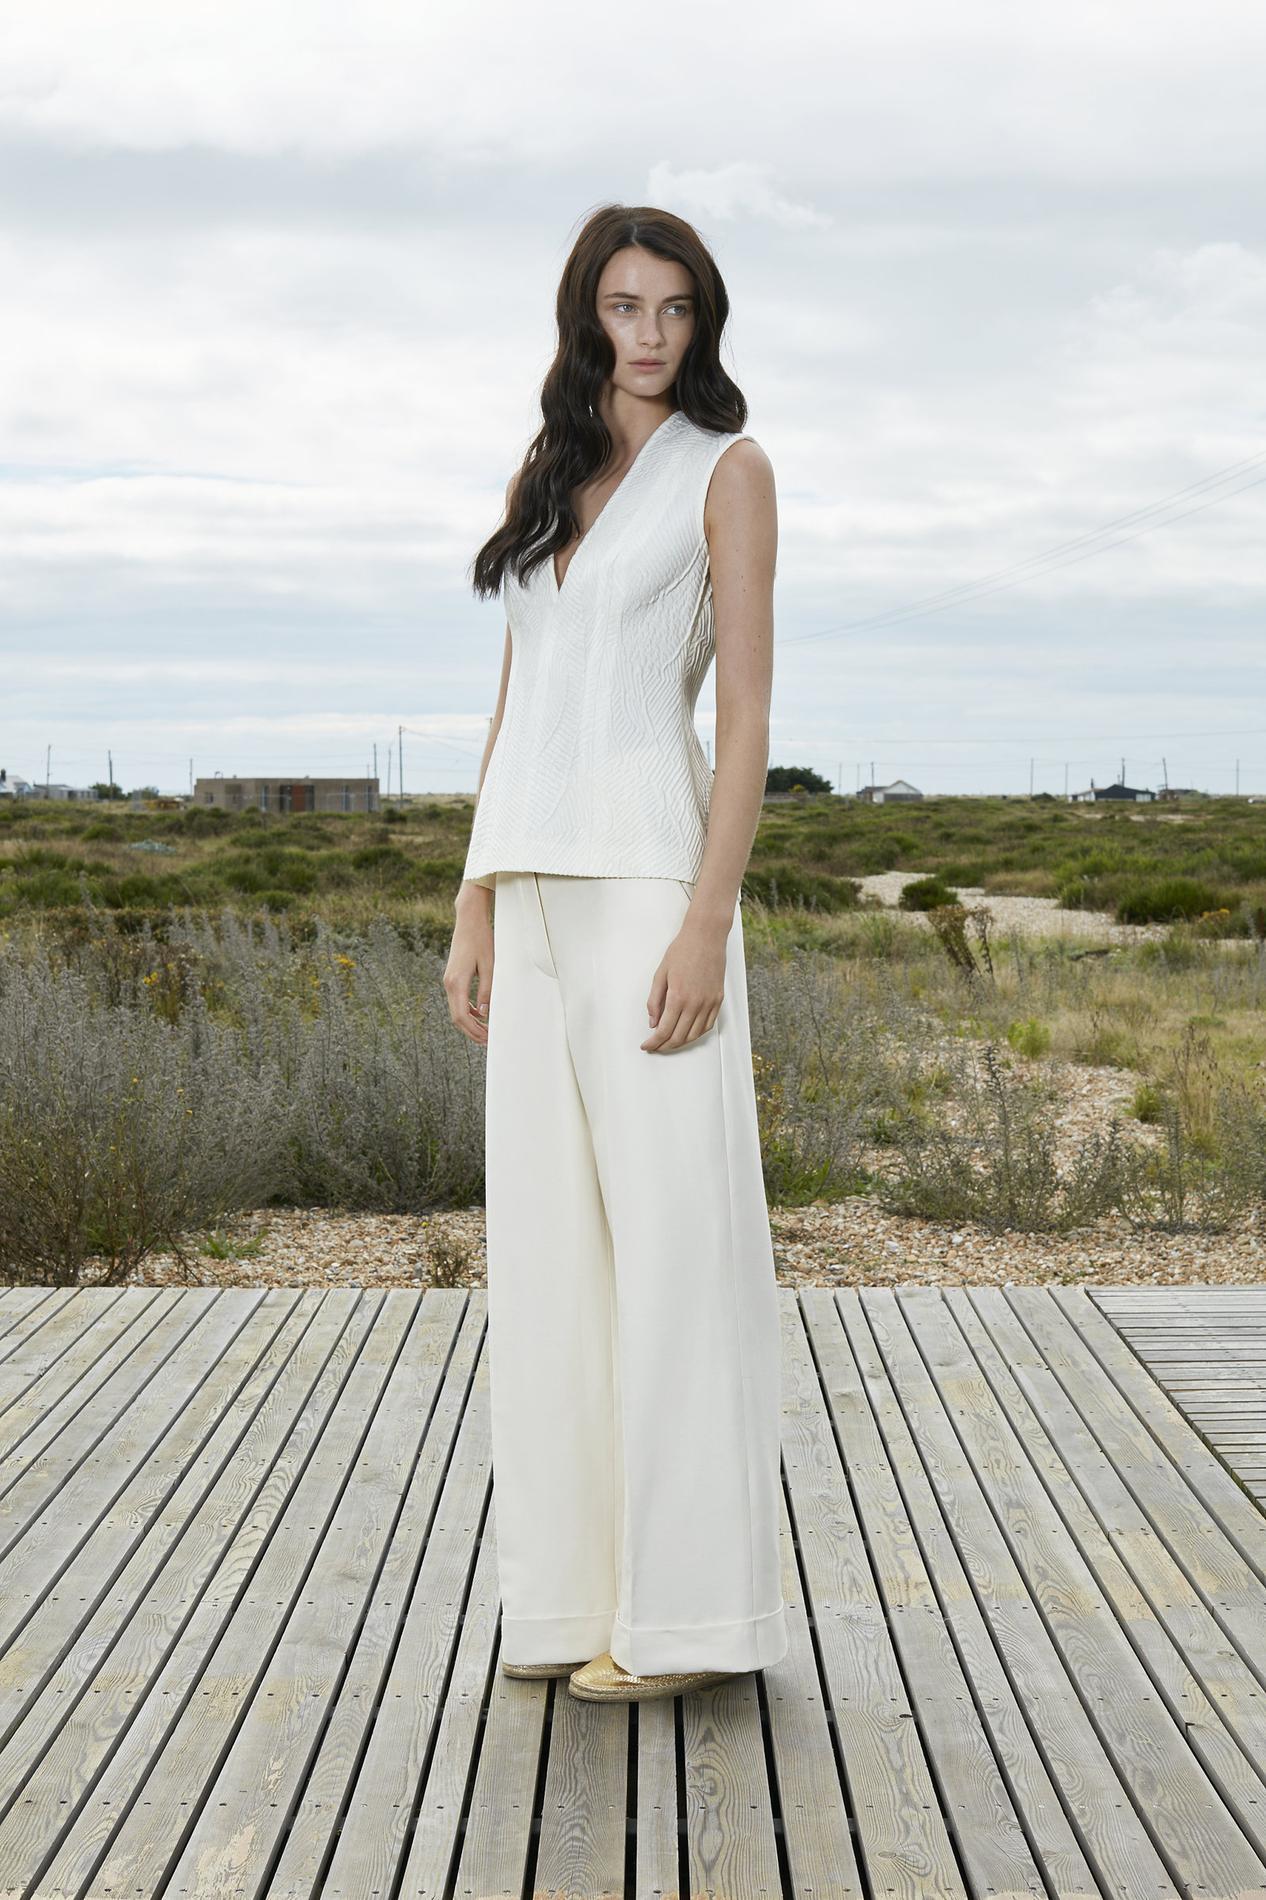 Sarouel chic pour mariage for Robes violettes plus la taille pour les mariages